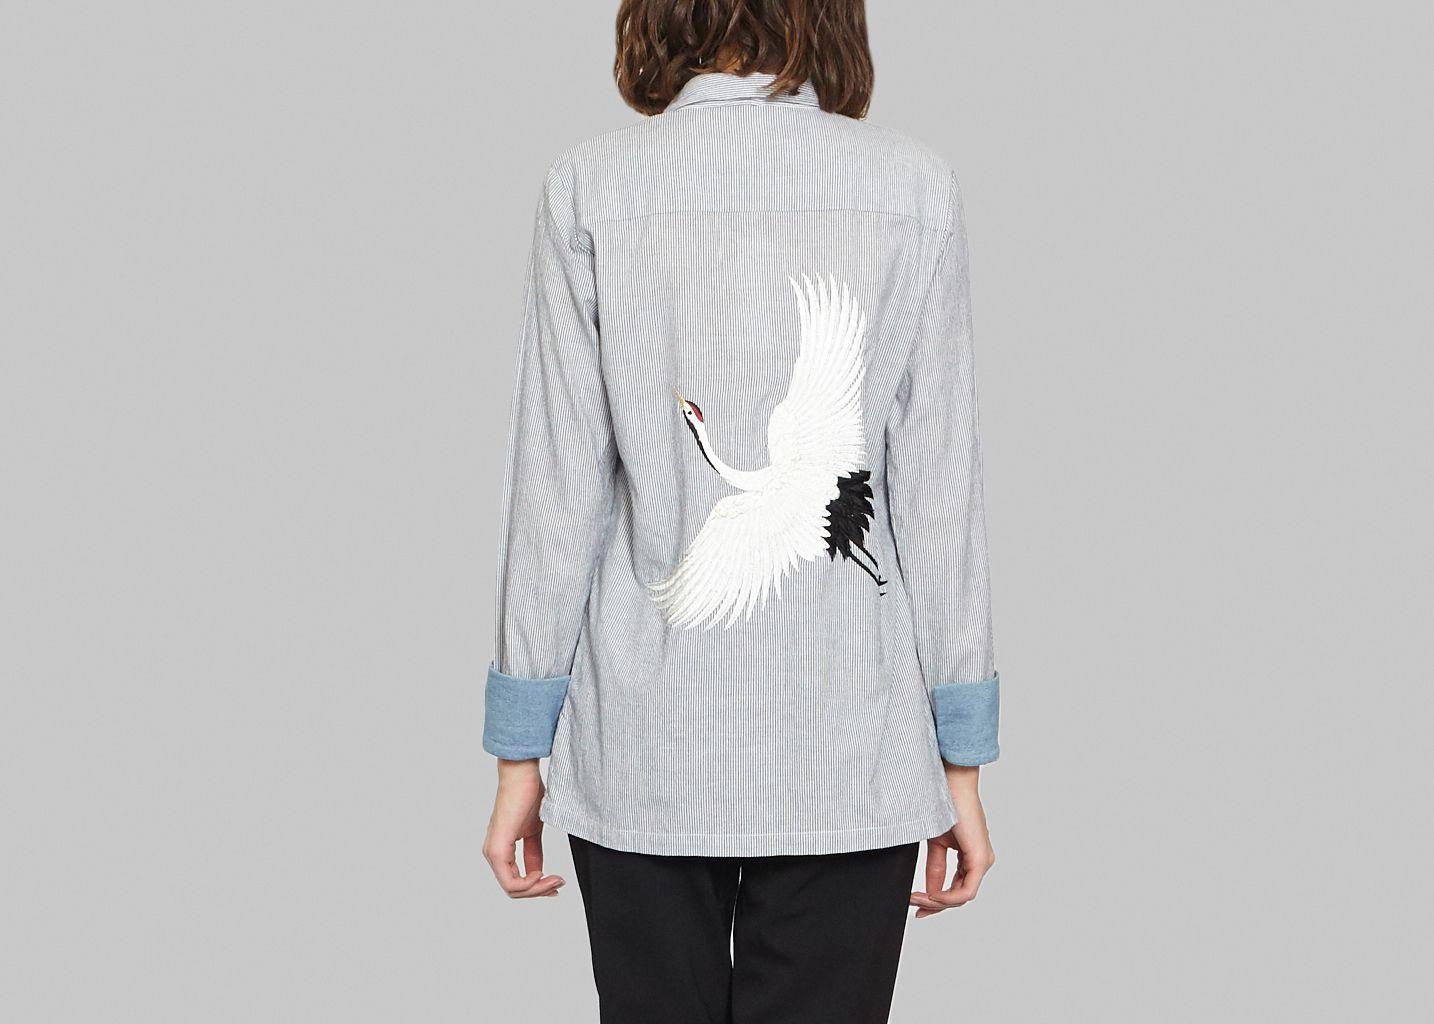 Chemise Jim Lalique Stripes - Valentine Gauthier